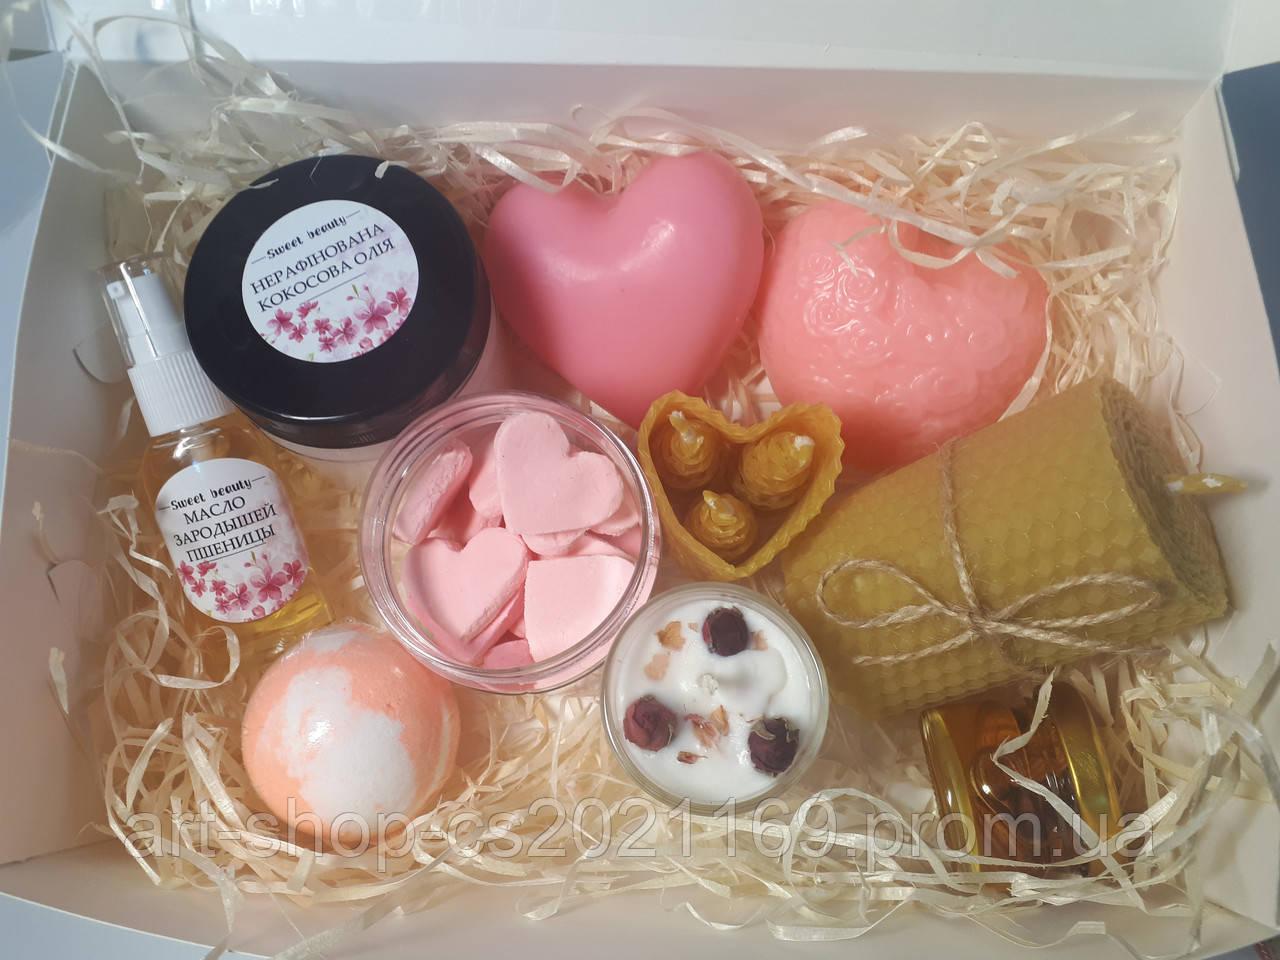 Подарочный набор любимой со свечами и сладостями